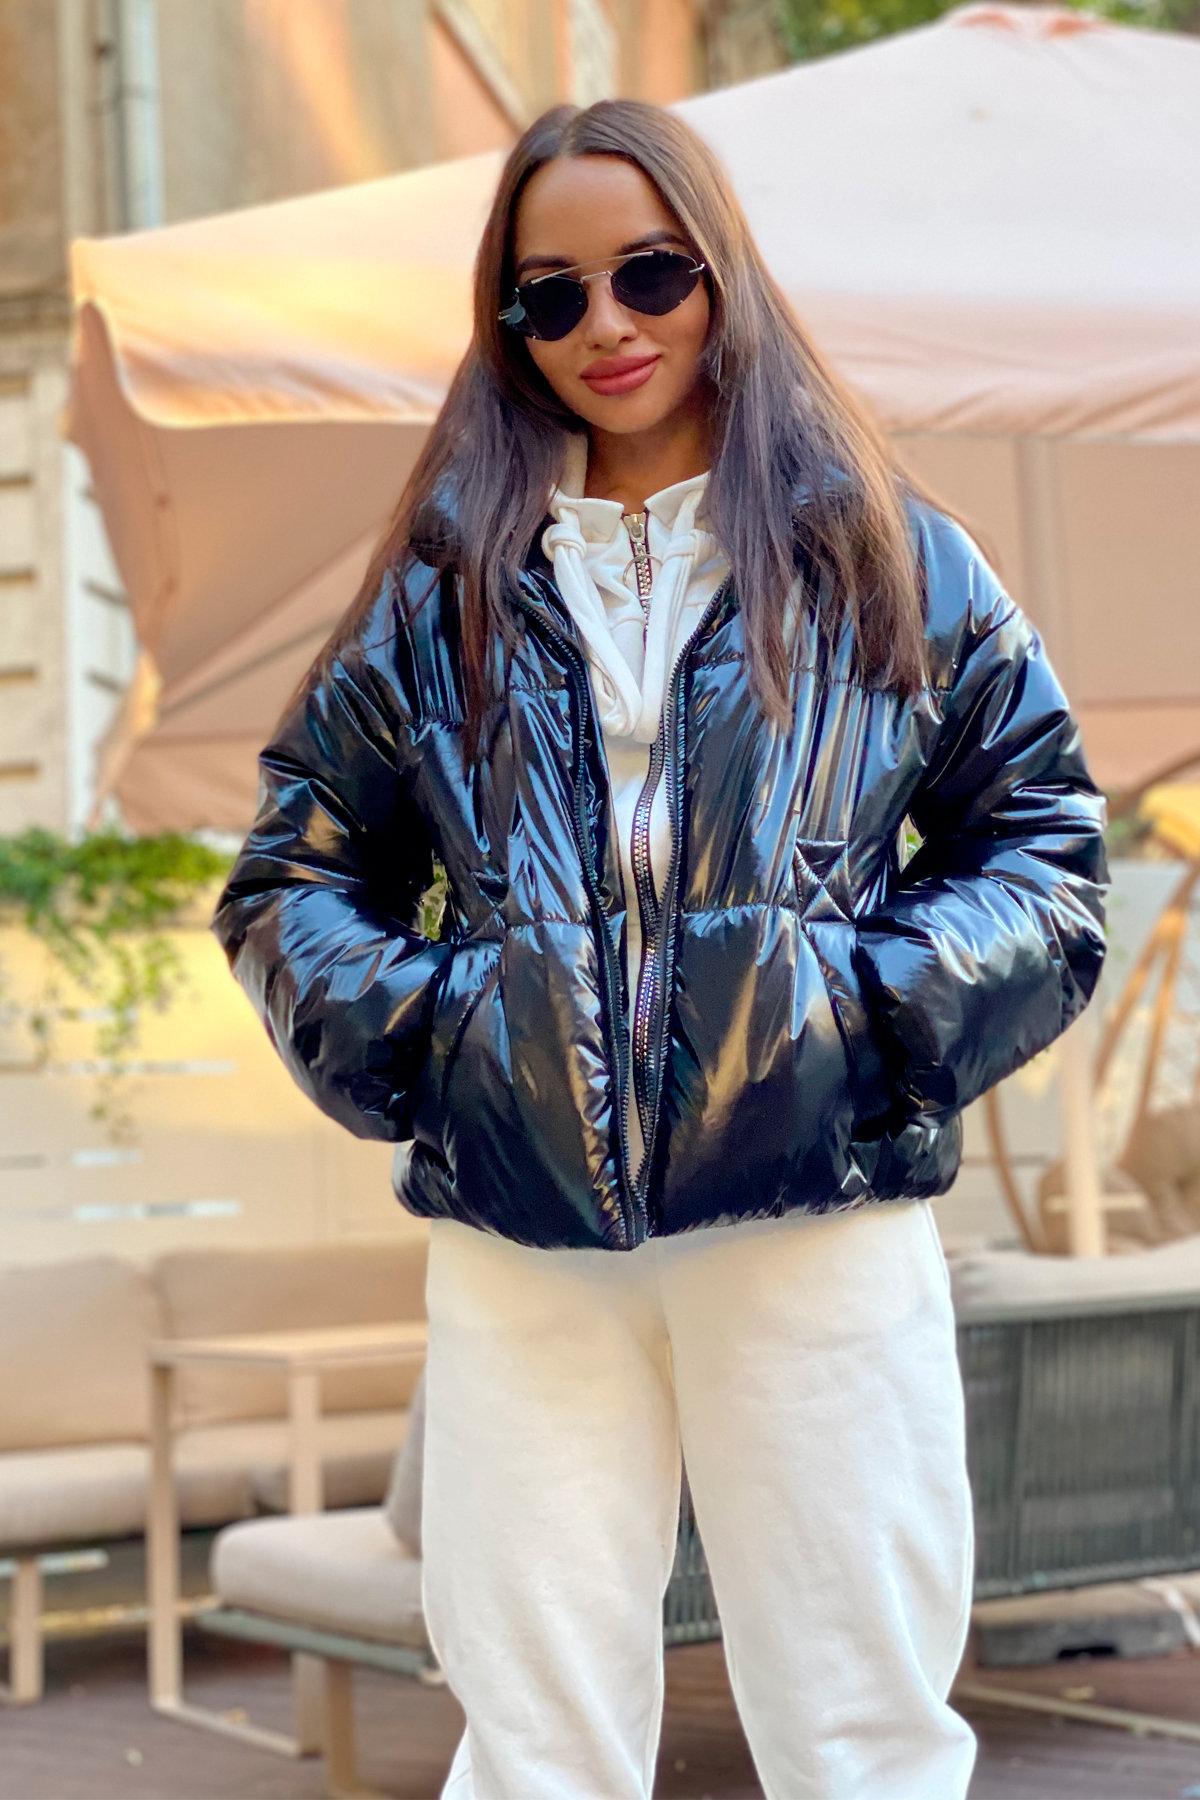 Куртка Драйв 8989 АРТ. 45299 Цвет: Черный - фото 5, интернет магазин tm-modus.ru